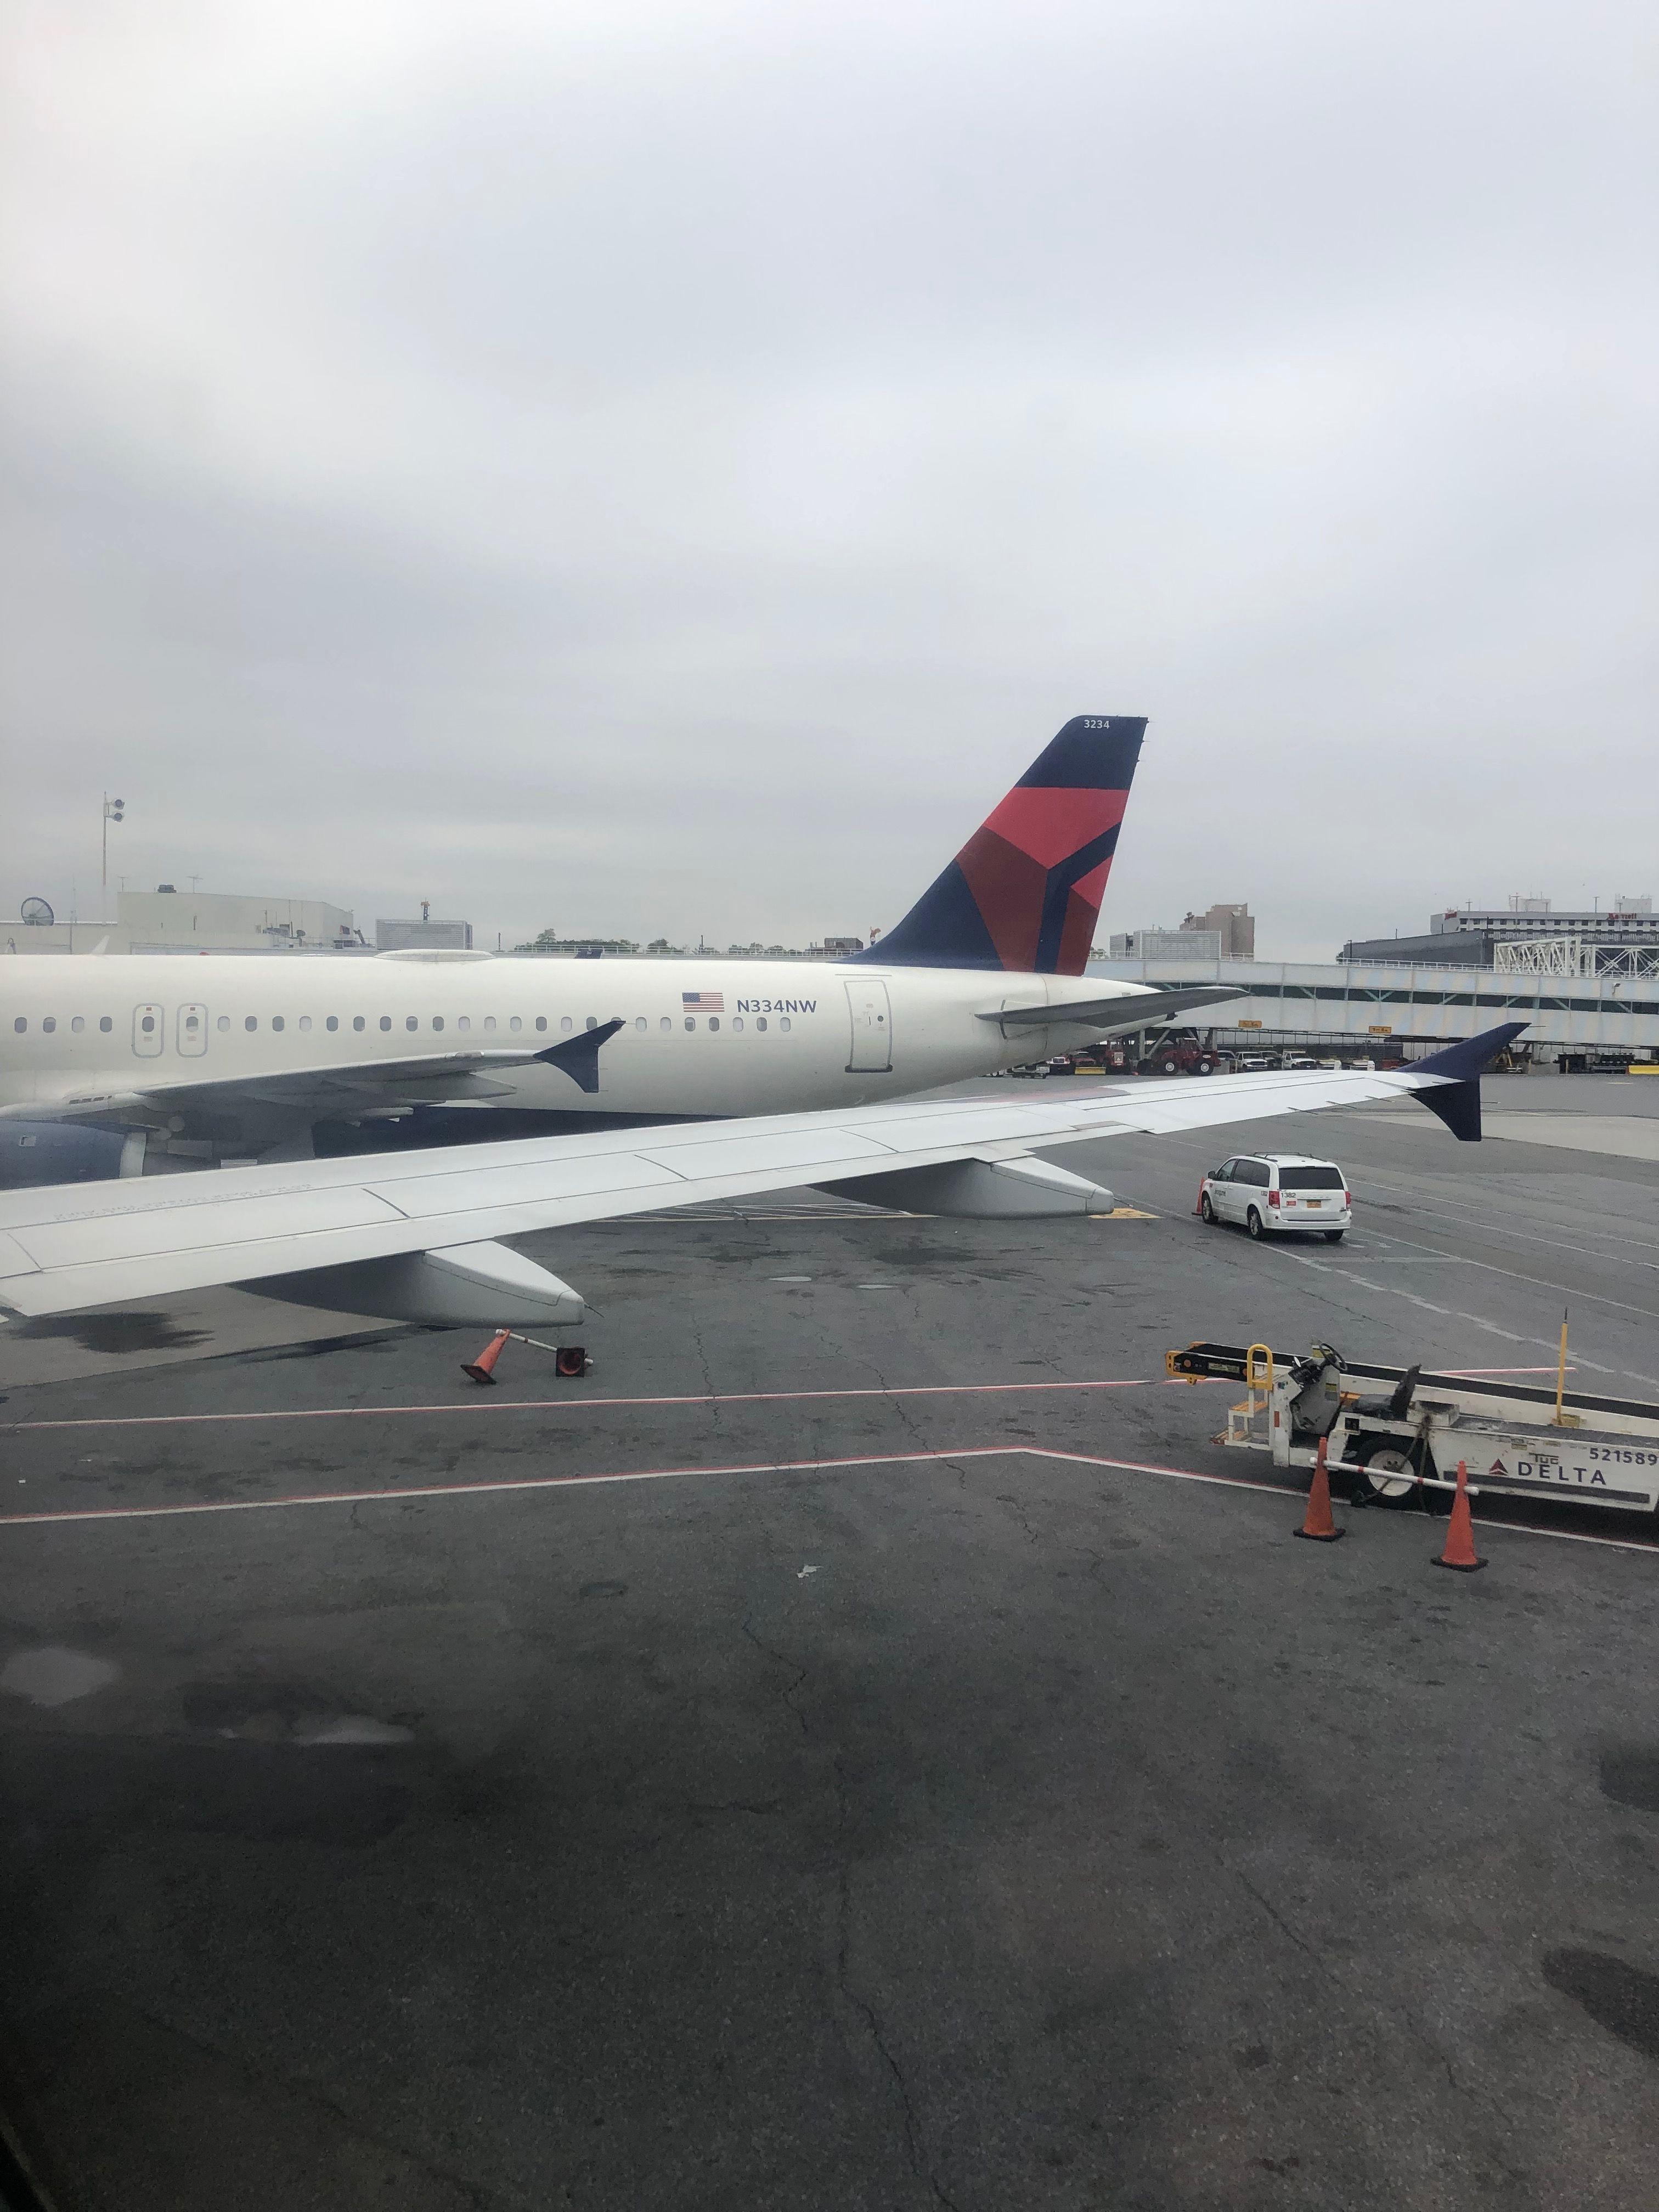 Pin by Scott Verchin on Airlines Passenger, Passenger